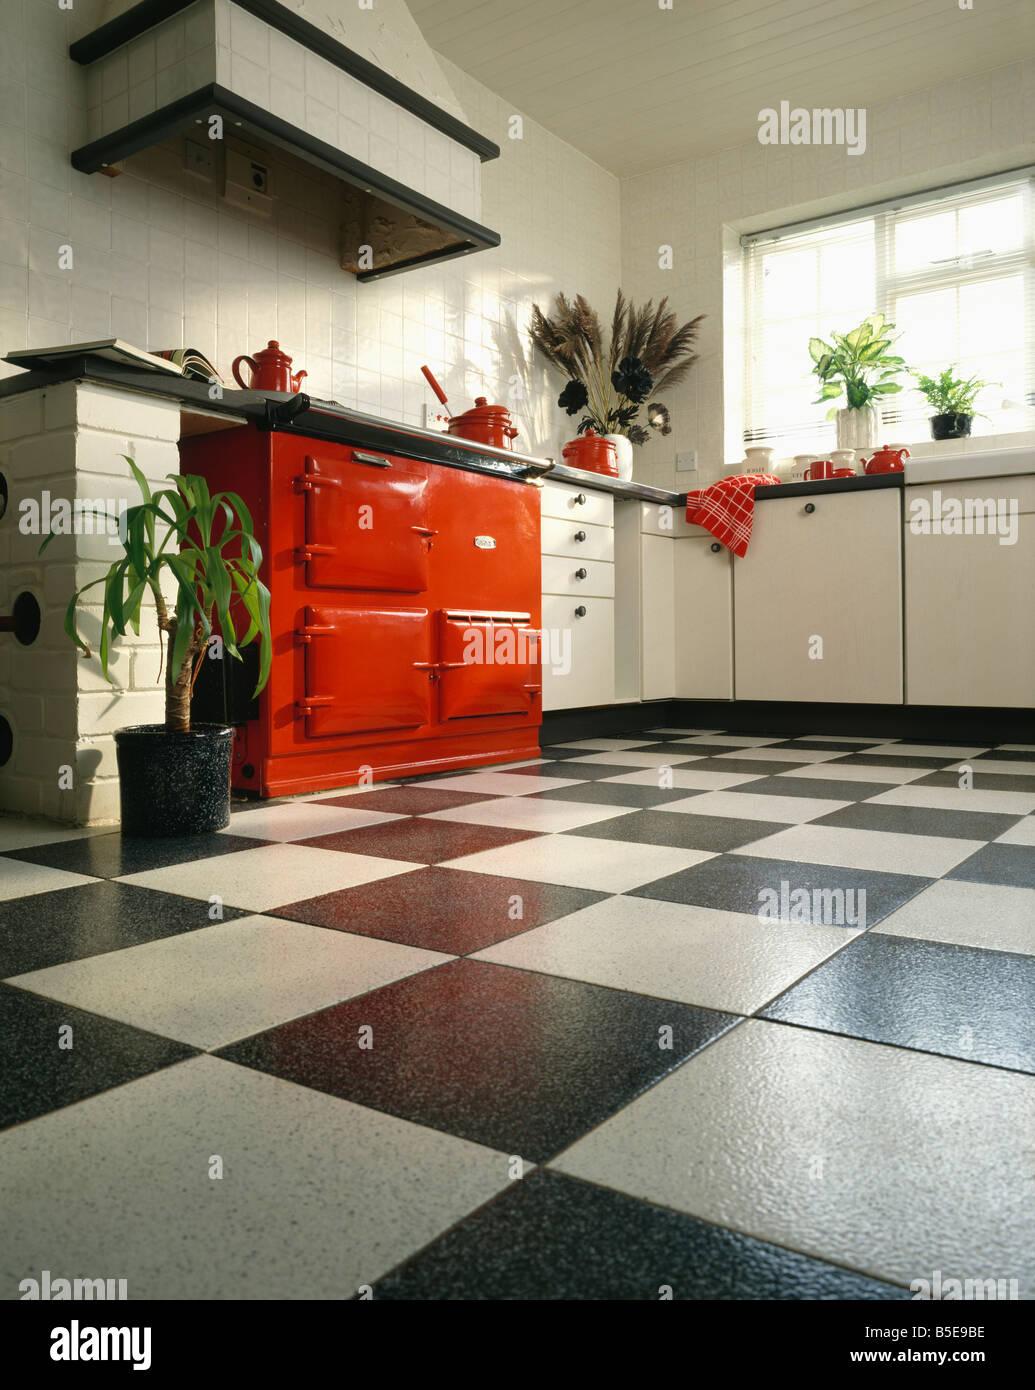 Rot-Aga-Ofen in weiße Küche mit schwarzen & weiße Keramik ...